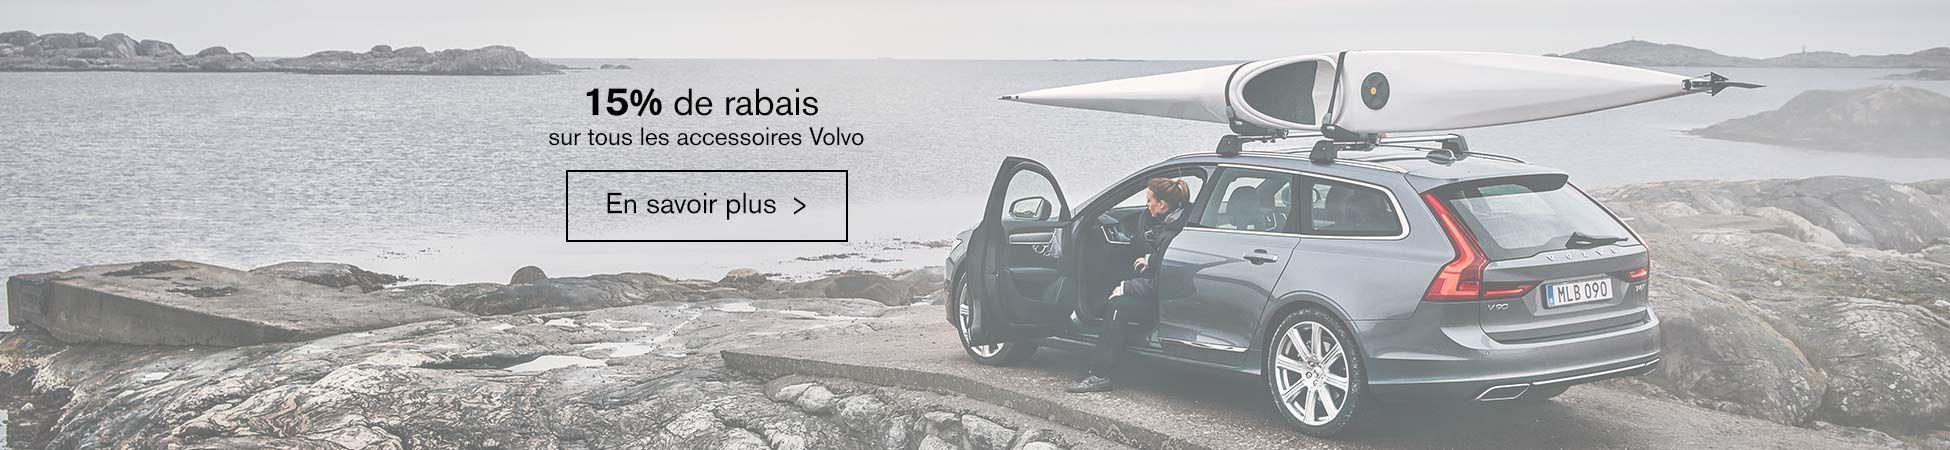 15% de rabais sur les accessoires d'origine Volvo